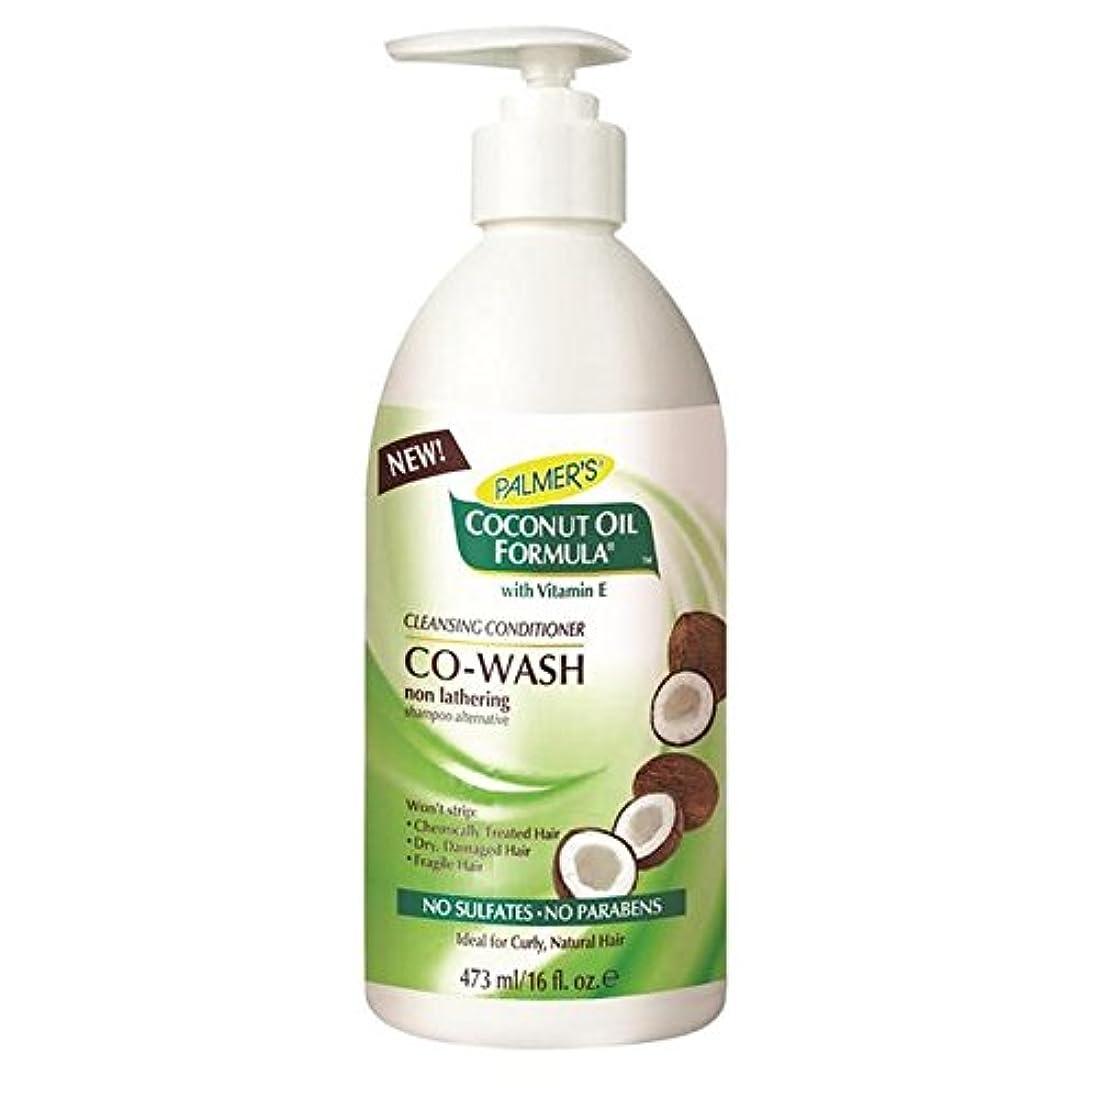 かわす煙突人物Palmer's Coconut Formula Co-Wash Cleansing Conditioner, Shampoo Alternative 473ml - パーマーのココナッツ式コウォッシュクレンジングコンディショナー...